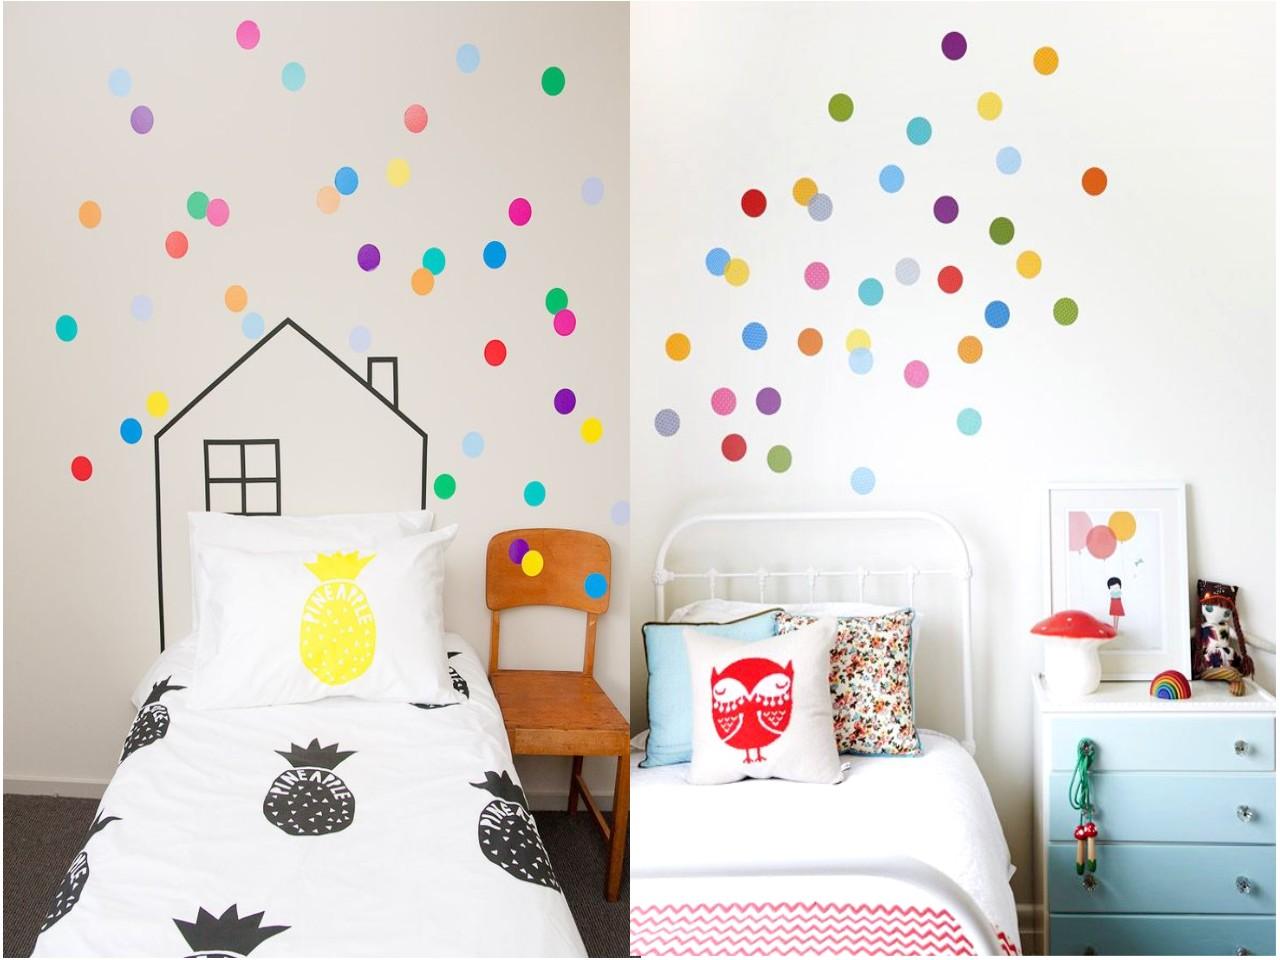 5 estampados originales que no debes perder de vista - Pintura habitaciones infantiles ...